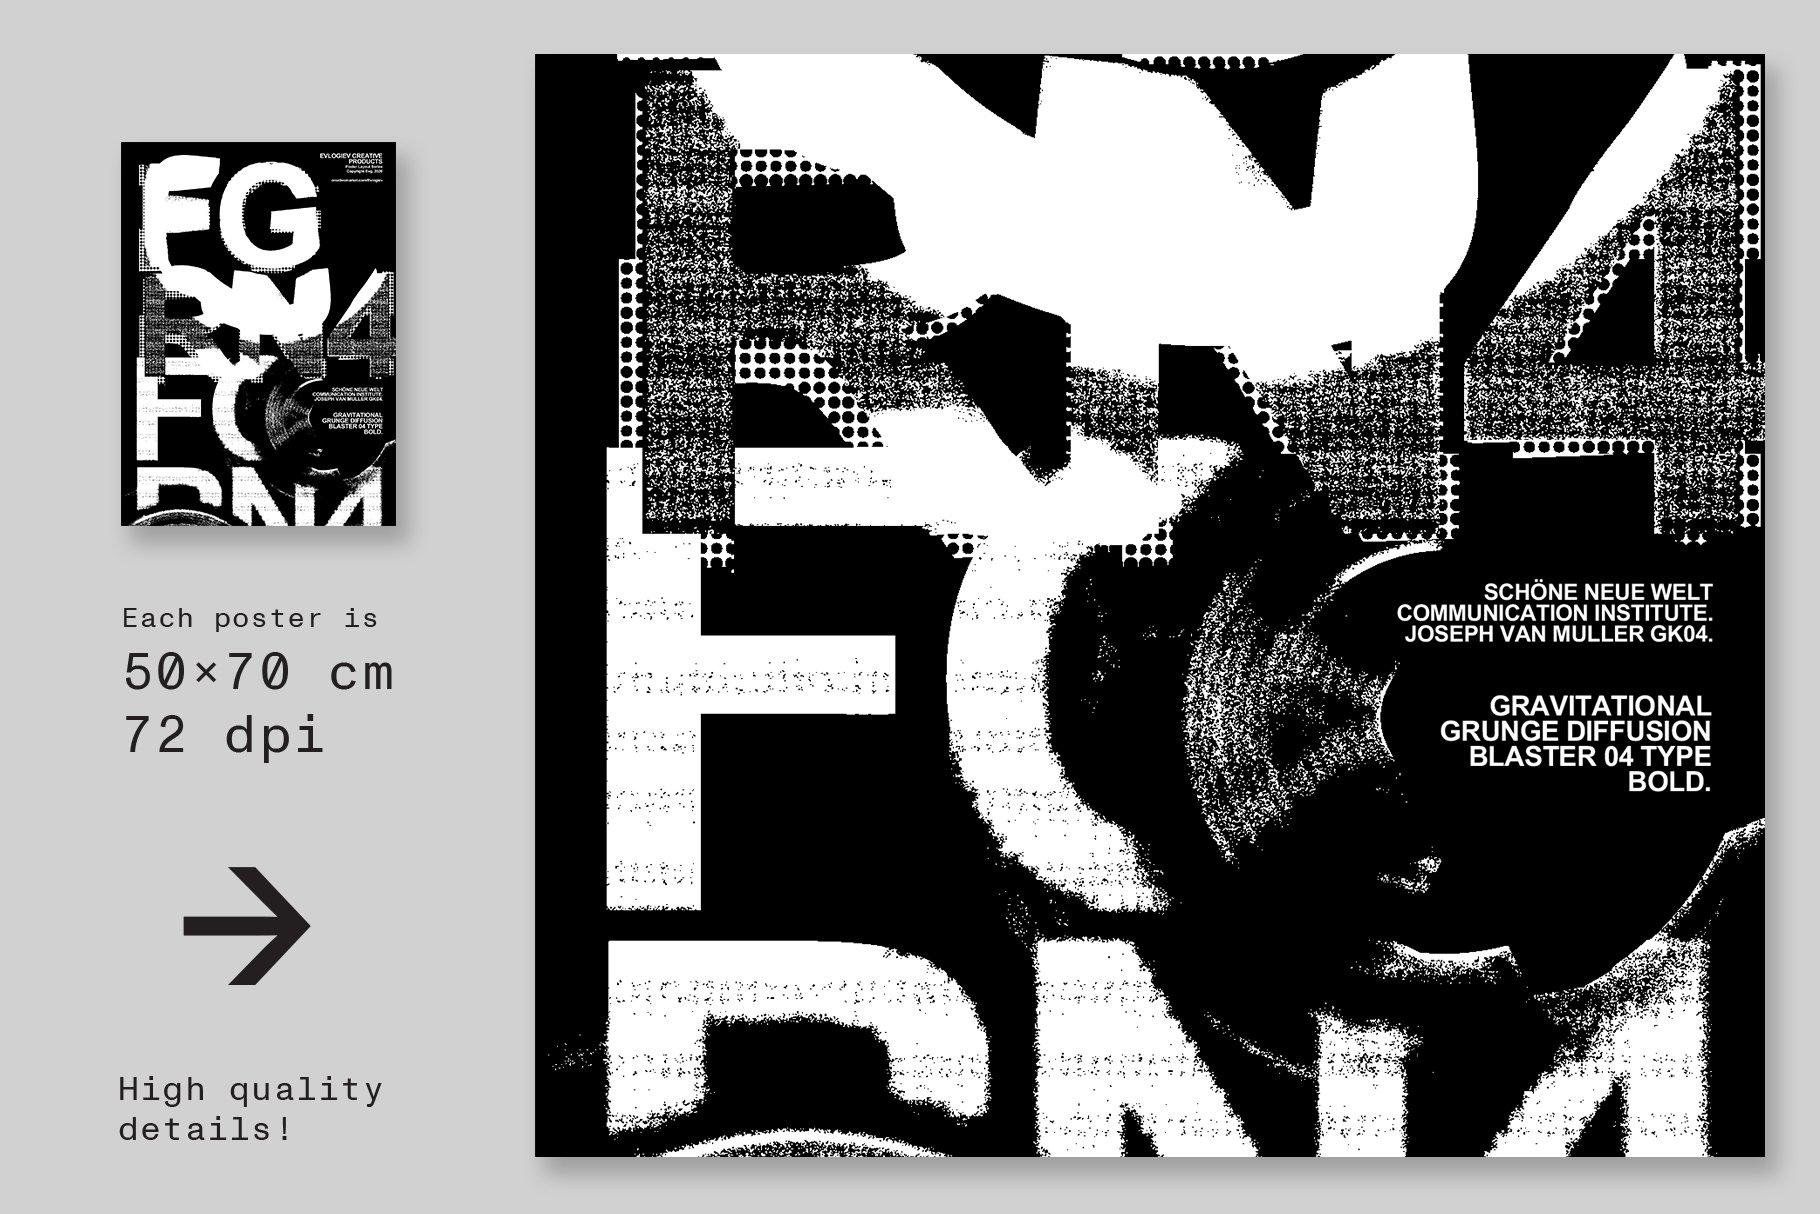 20款创意抽象主视觉海报标题特效字体设计智能贴图样机模板 Typographic Poster Layouts No.01插图(9)